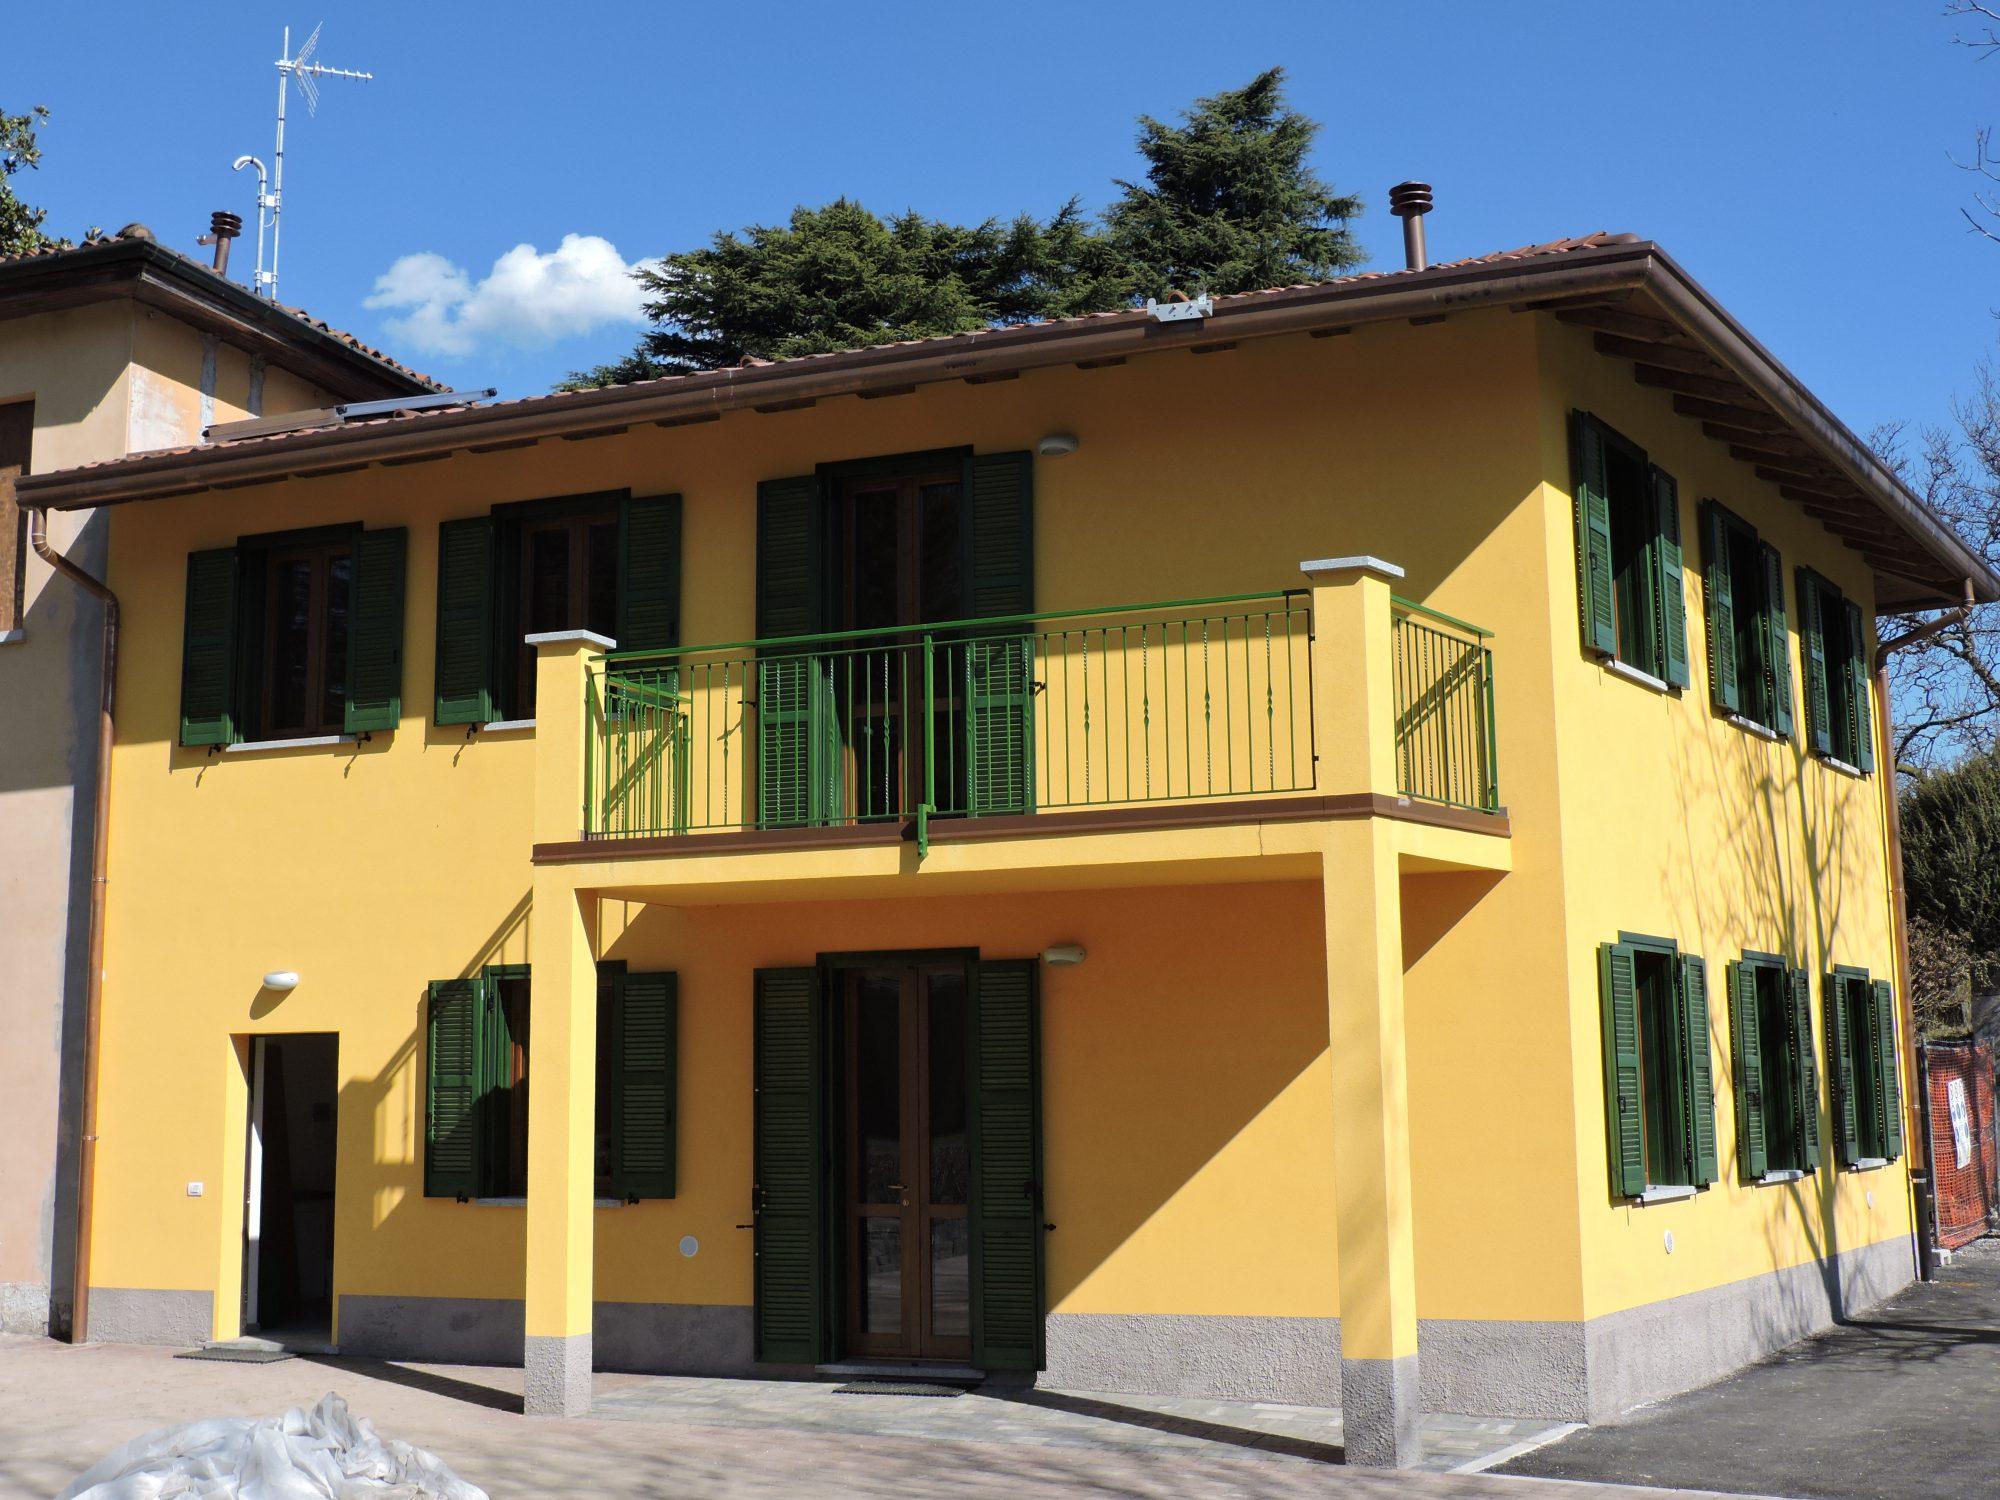 Dal 4 maggio la casa di gino di lora apre all housing for Casa maggio